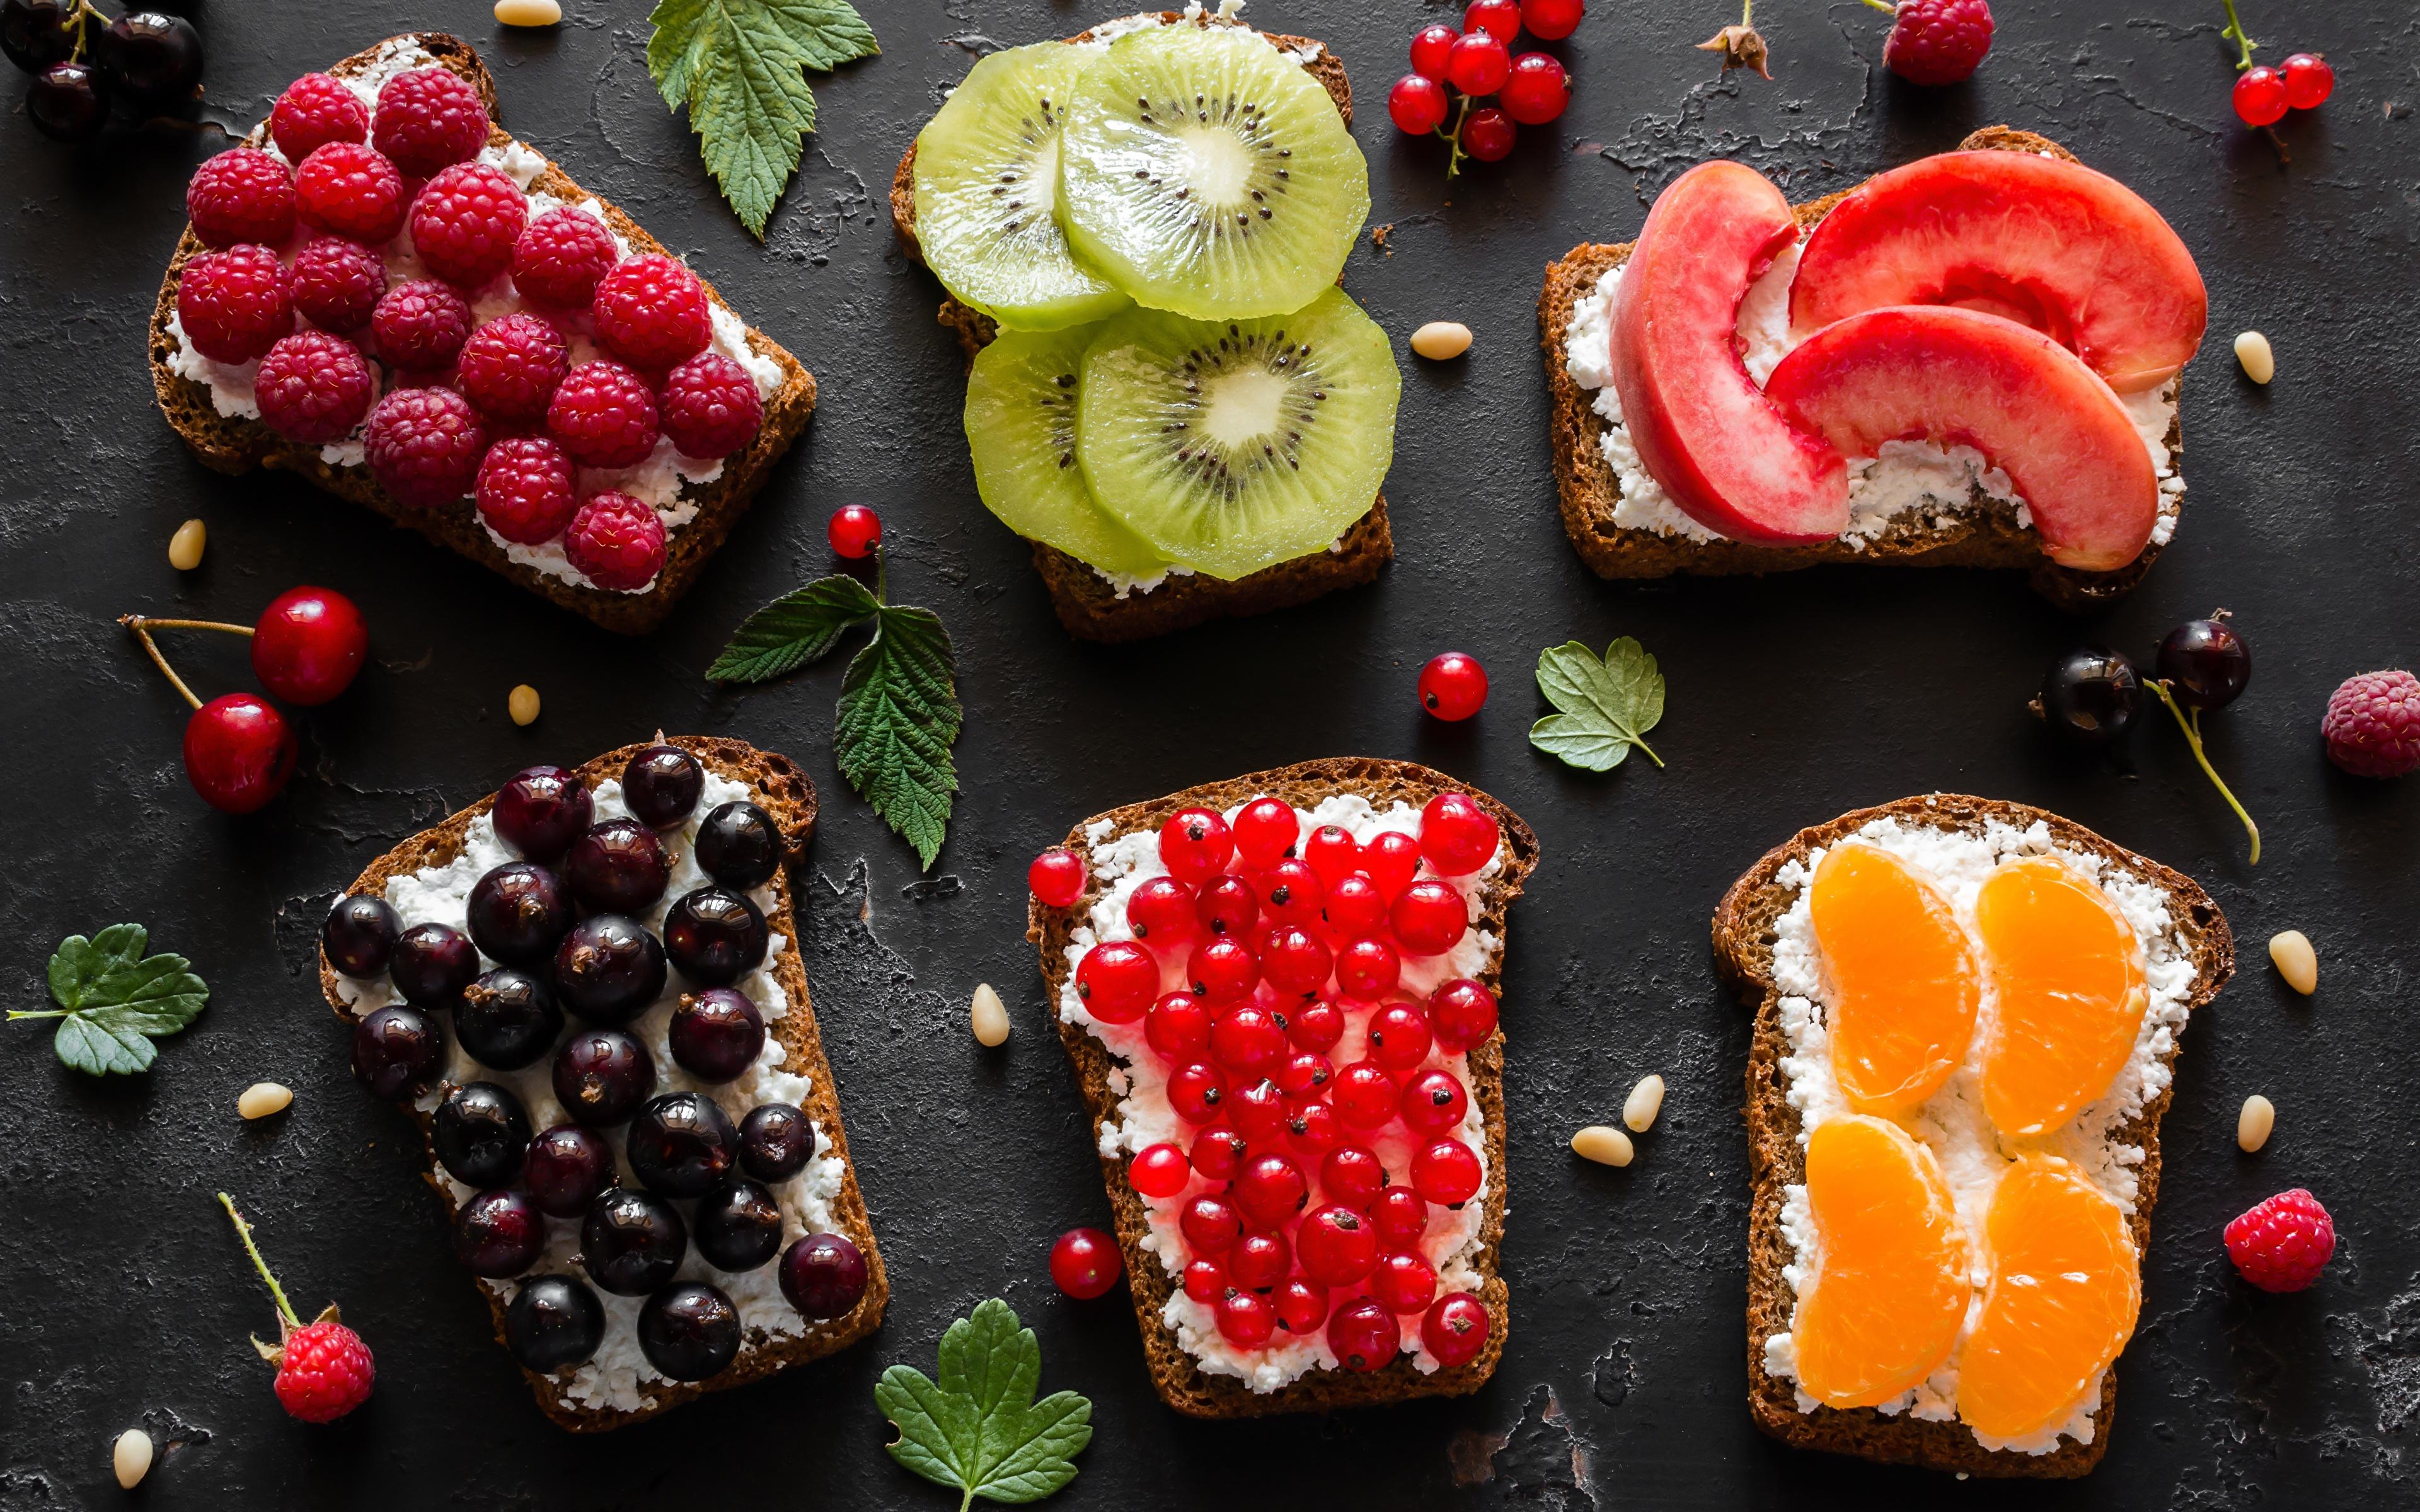 Картинки Апельсин Киви Хлеб Малина Персики Смородина Бутерброды Еда 3840x2400 бутерброд Пища Продукты питания